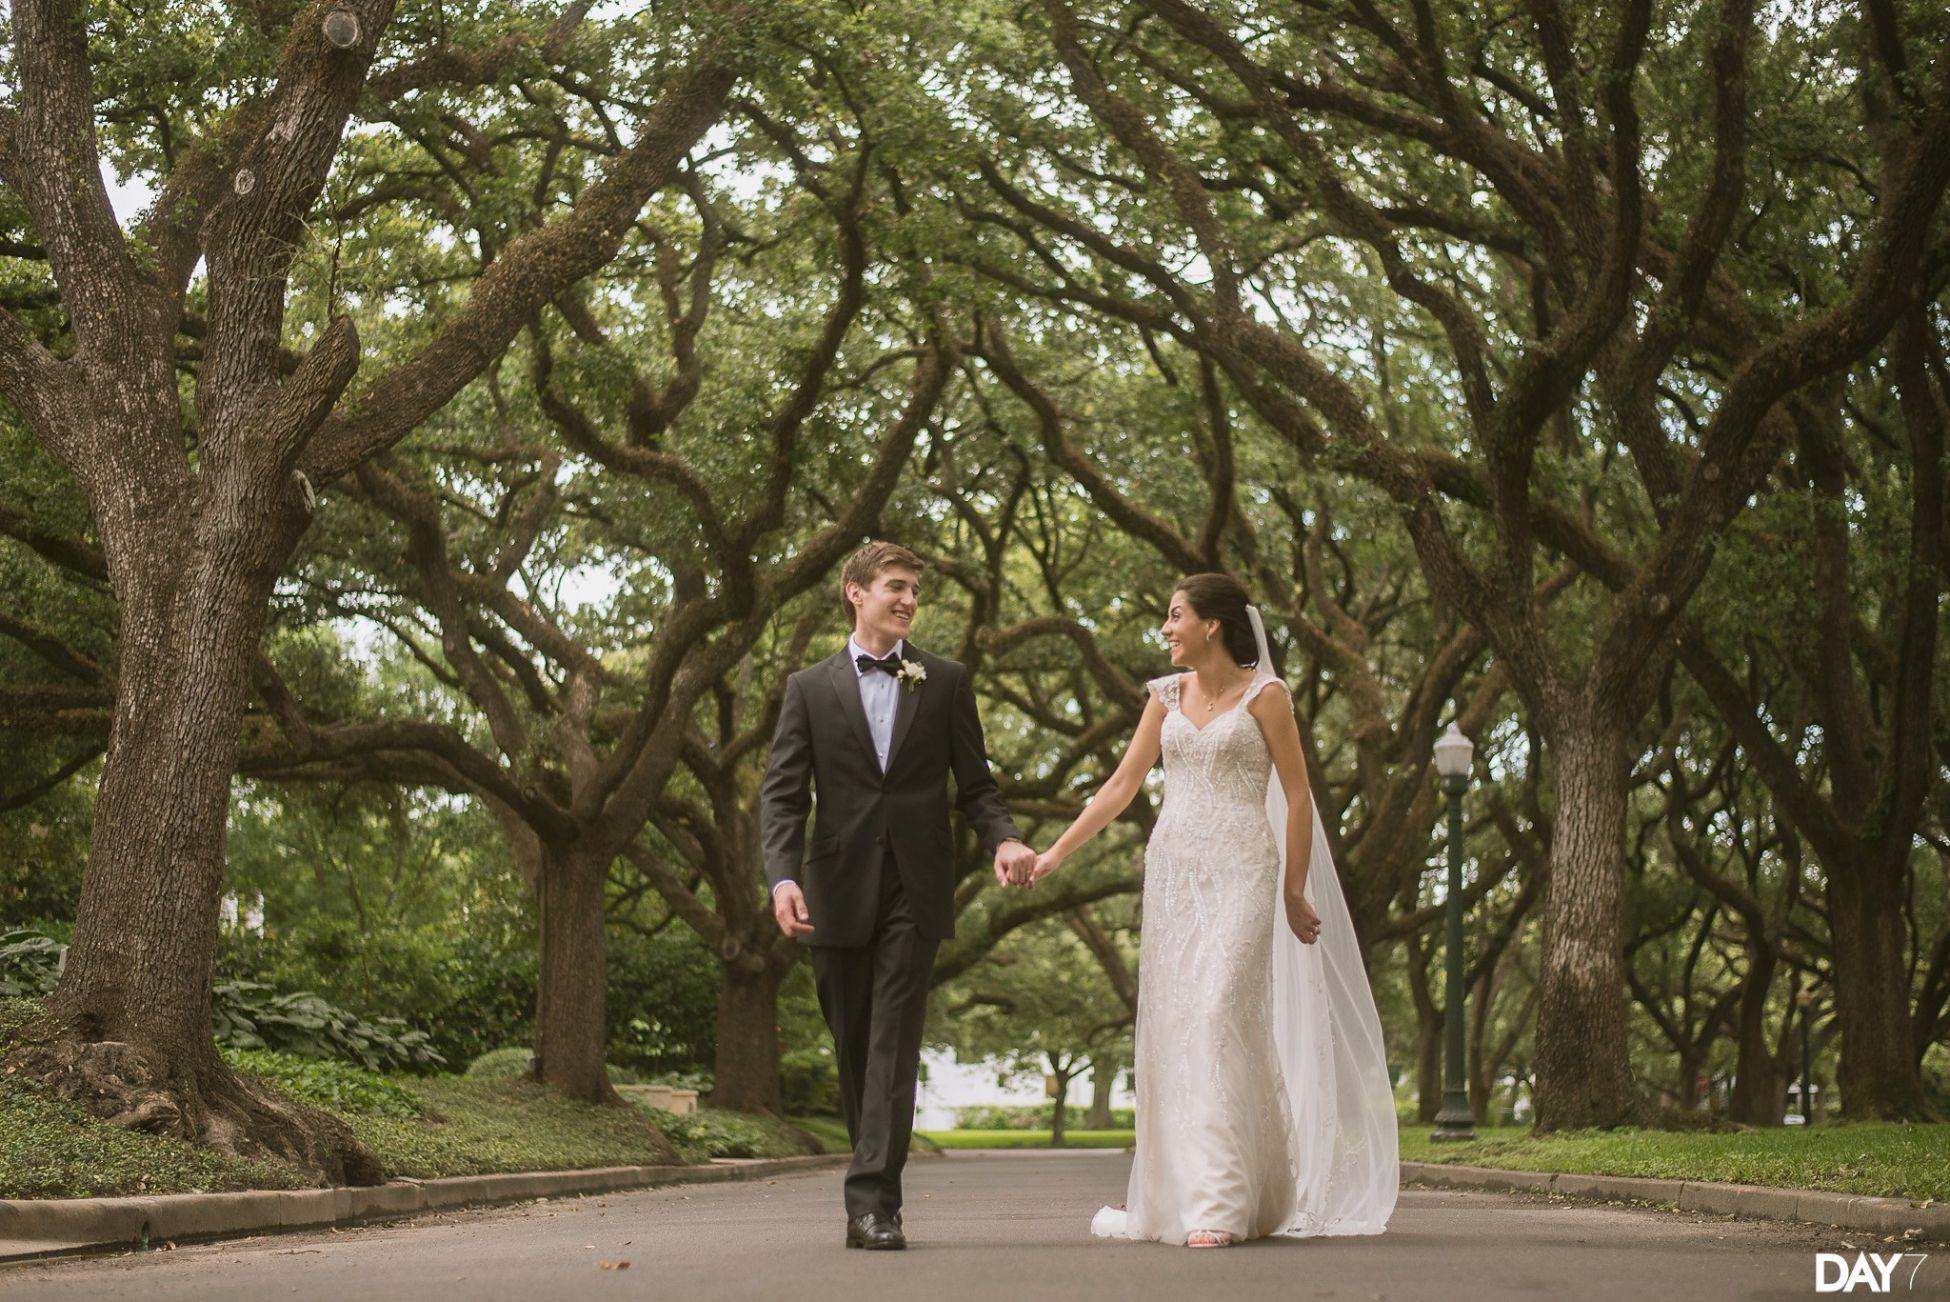 Parador Houston Wedding Photos By Day 7 Photography